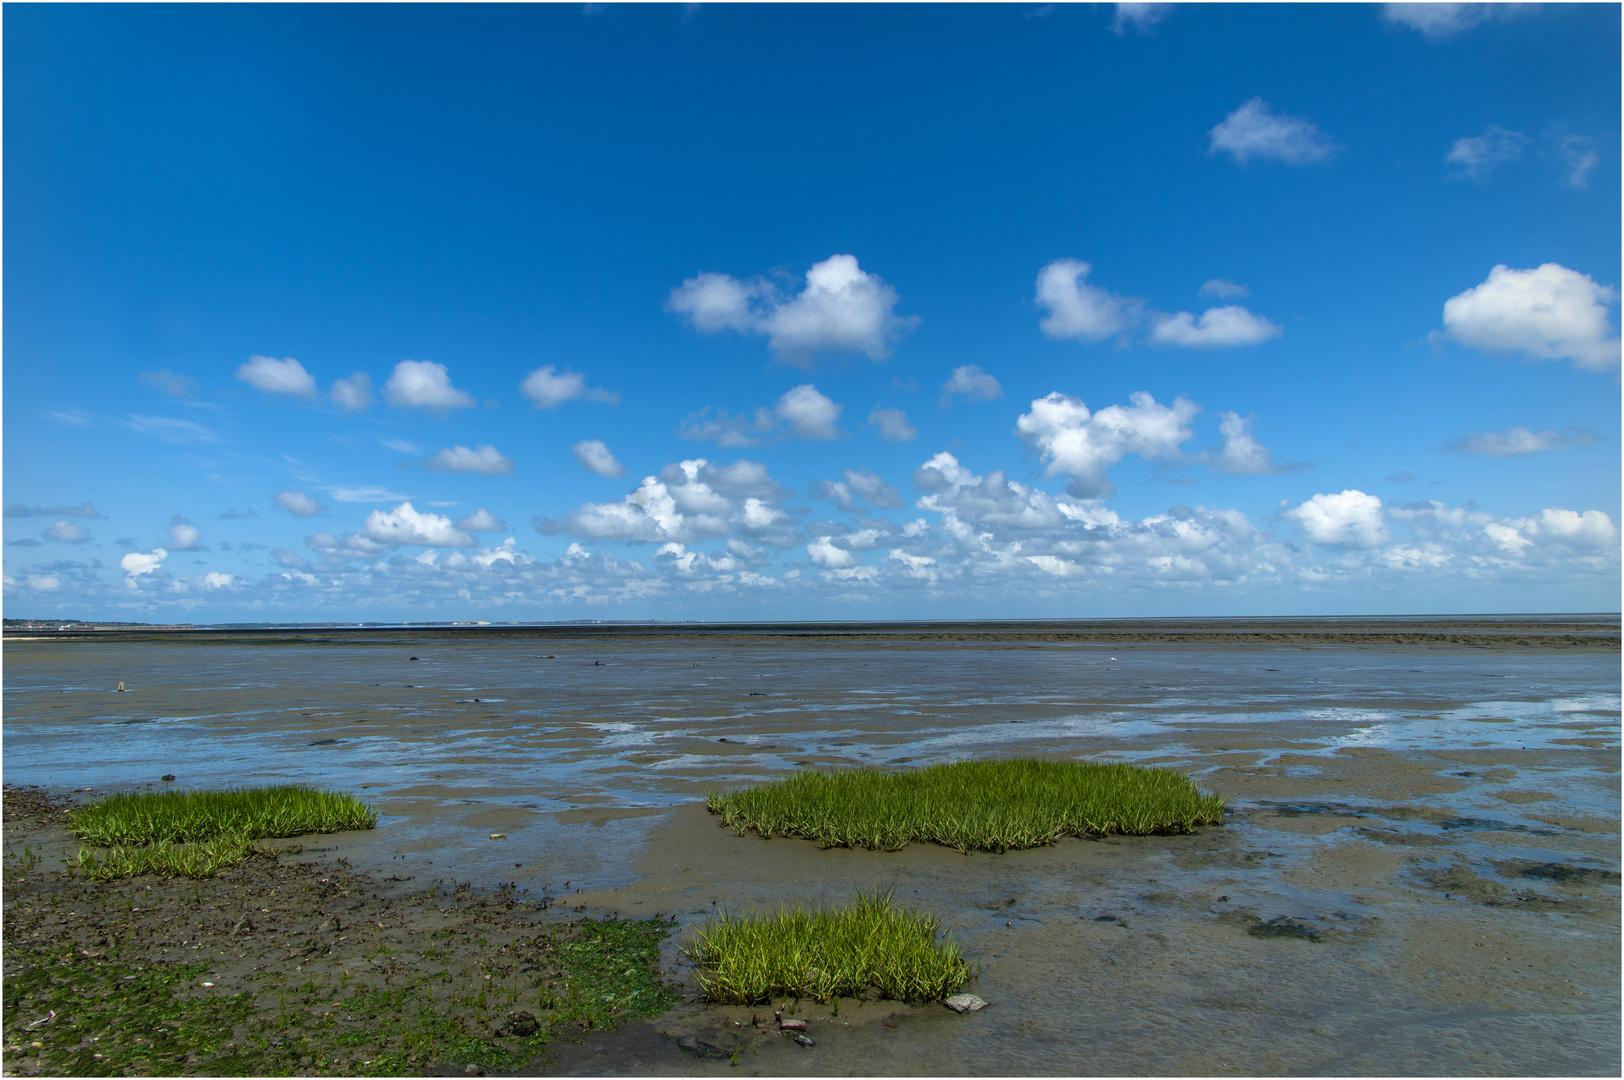 Grasbüschel bei Niedrigwasser